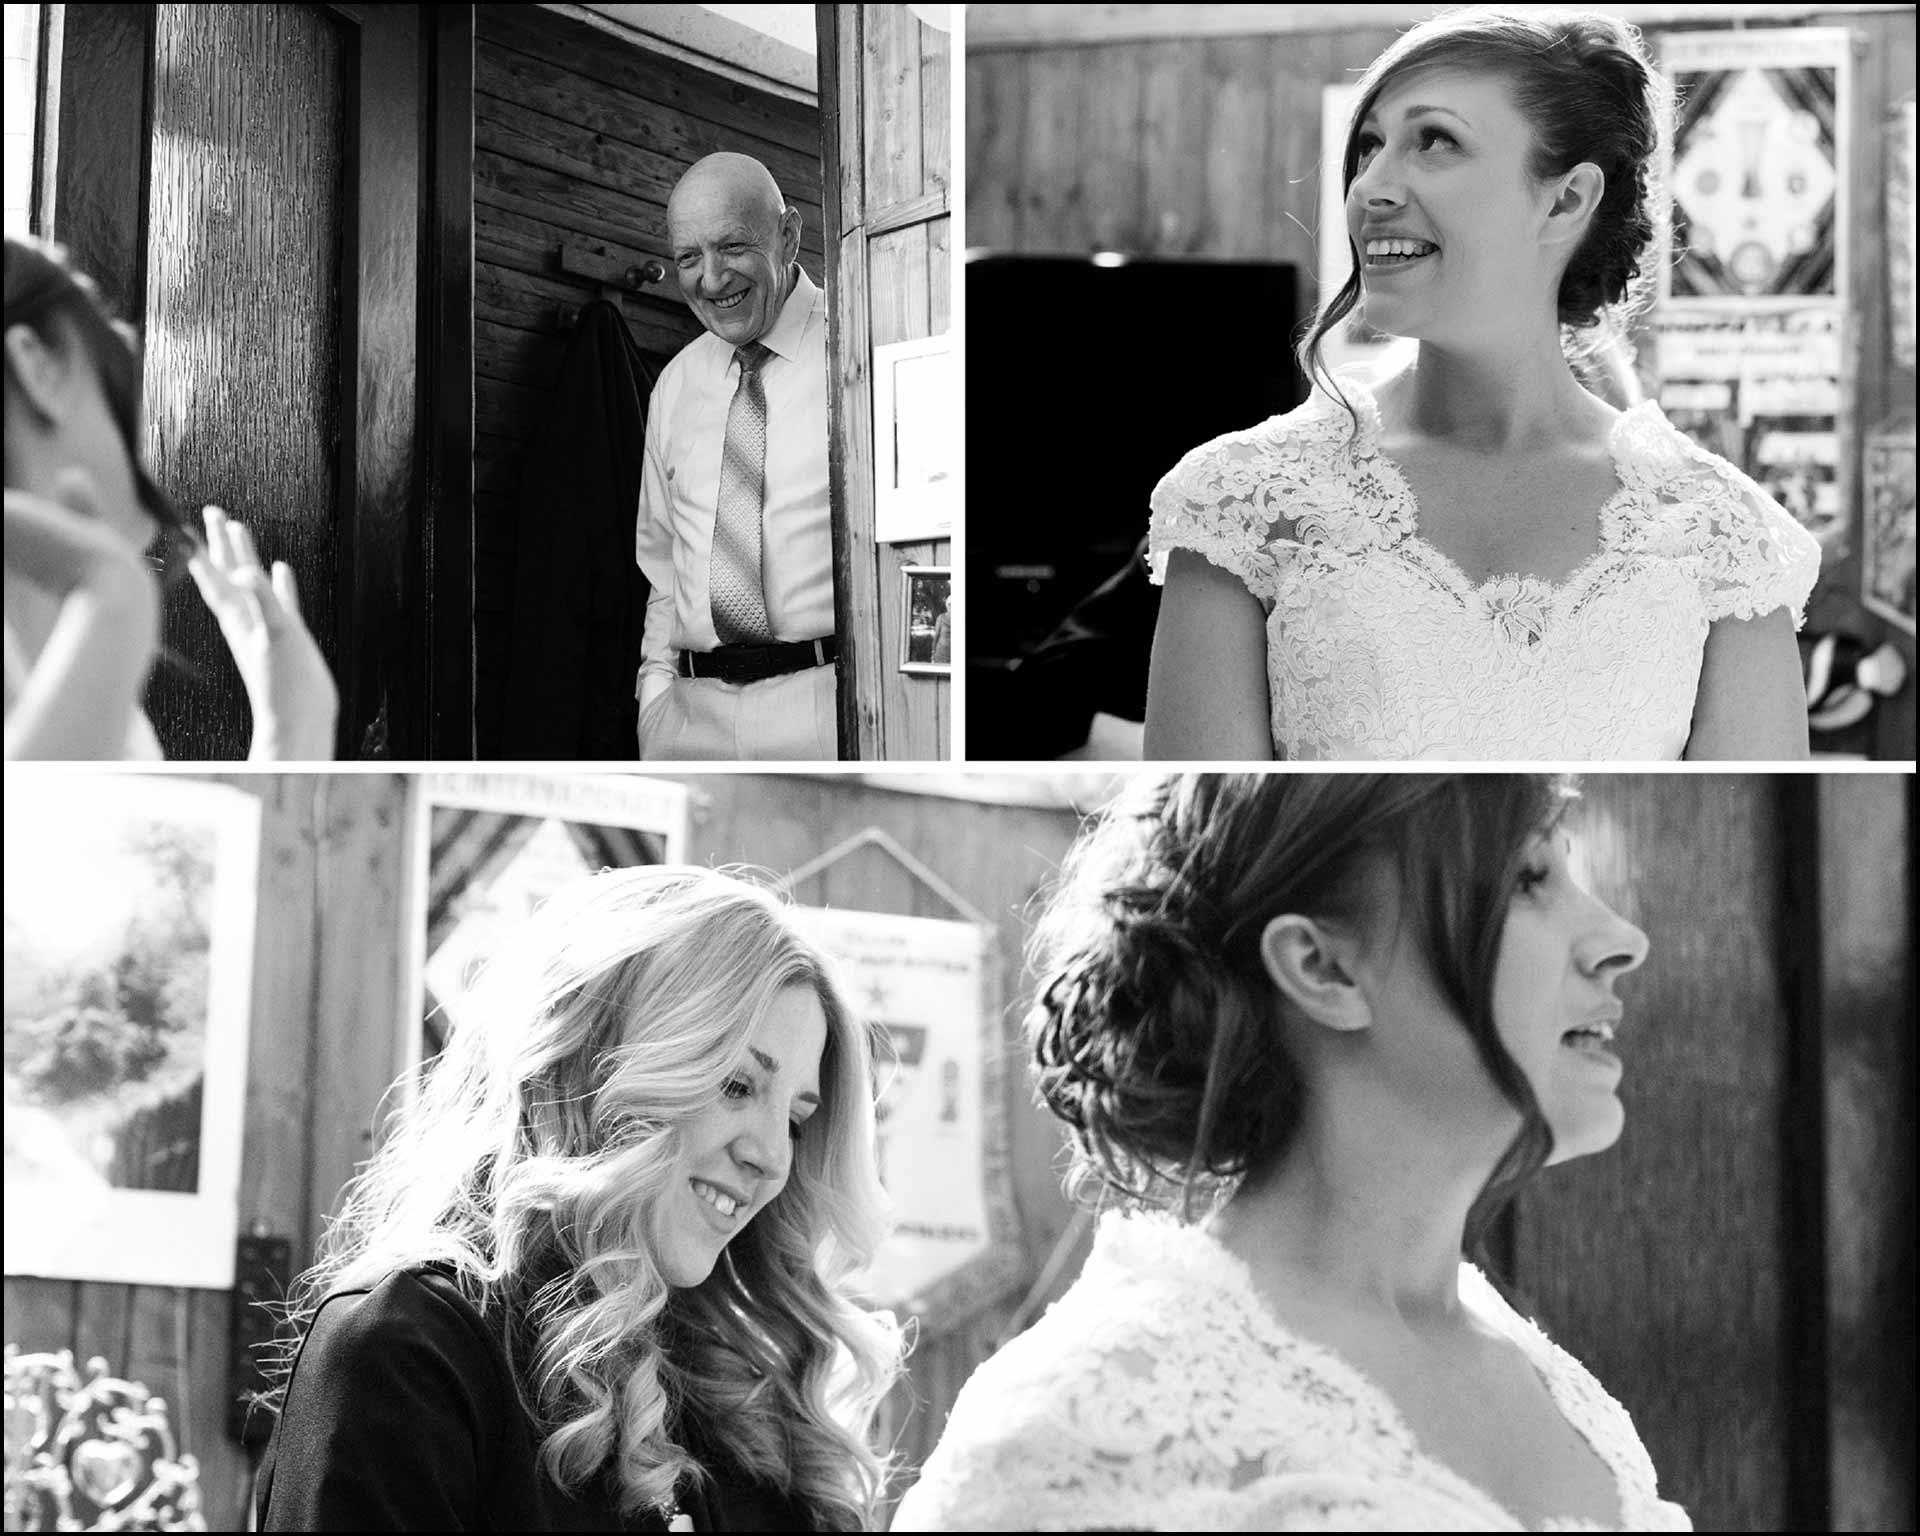 Il papà osserva la sposa mentre si prepara